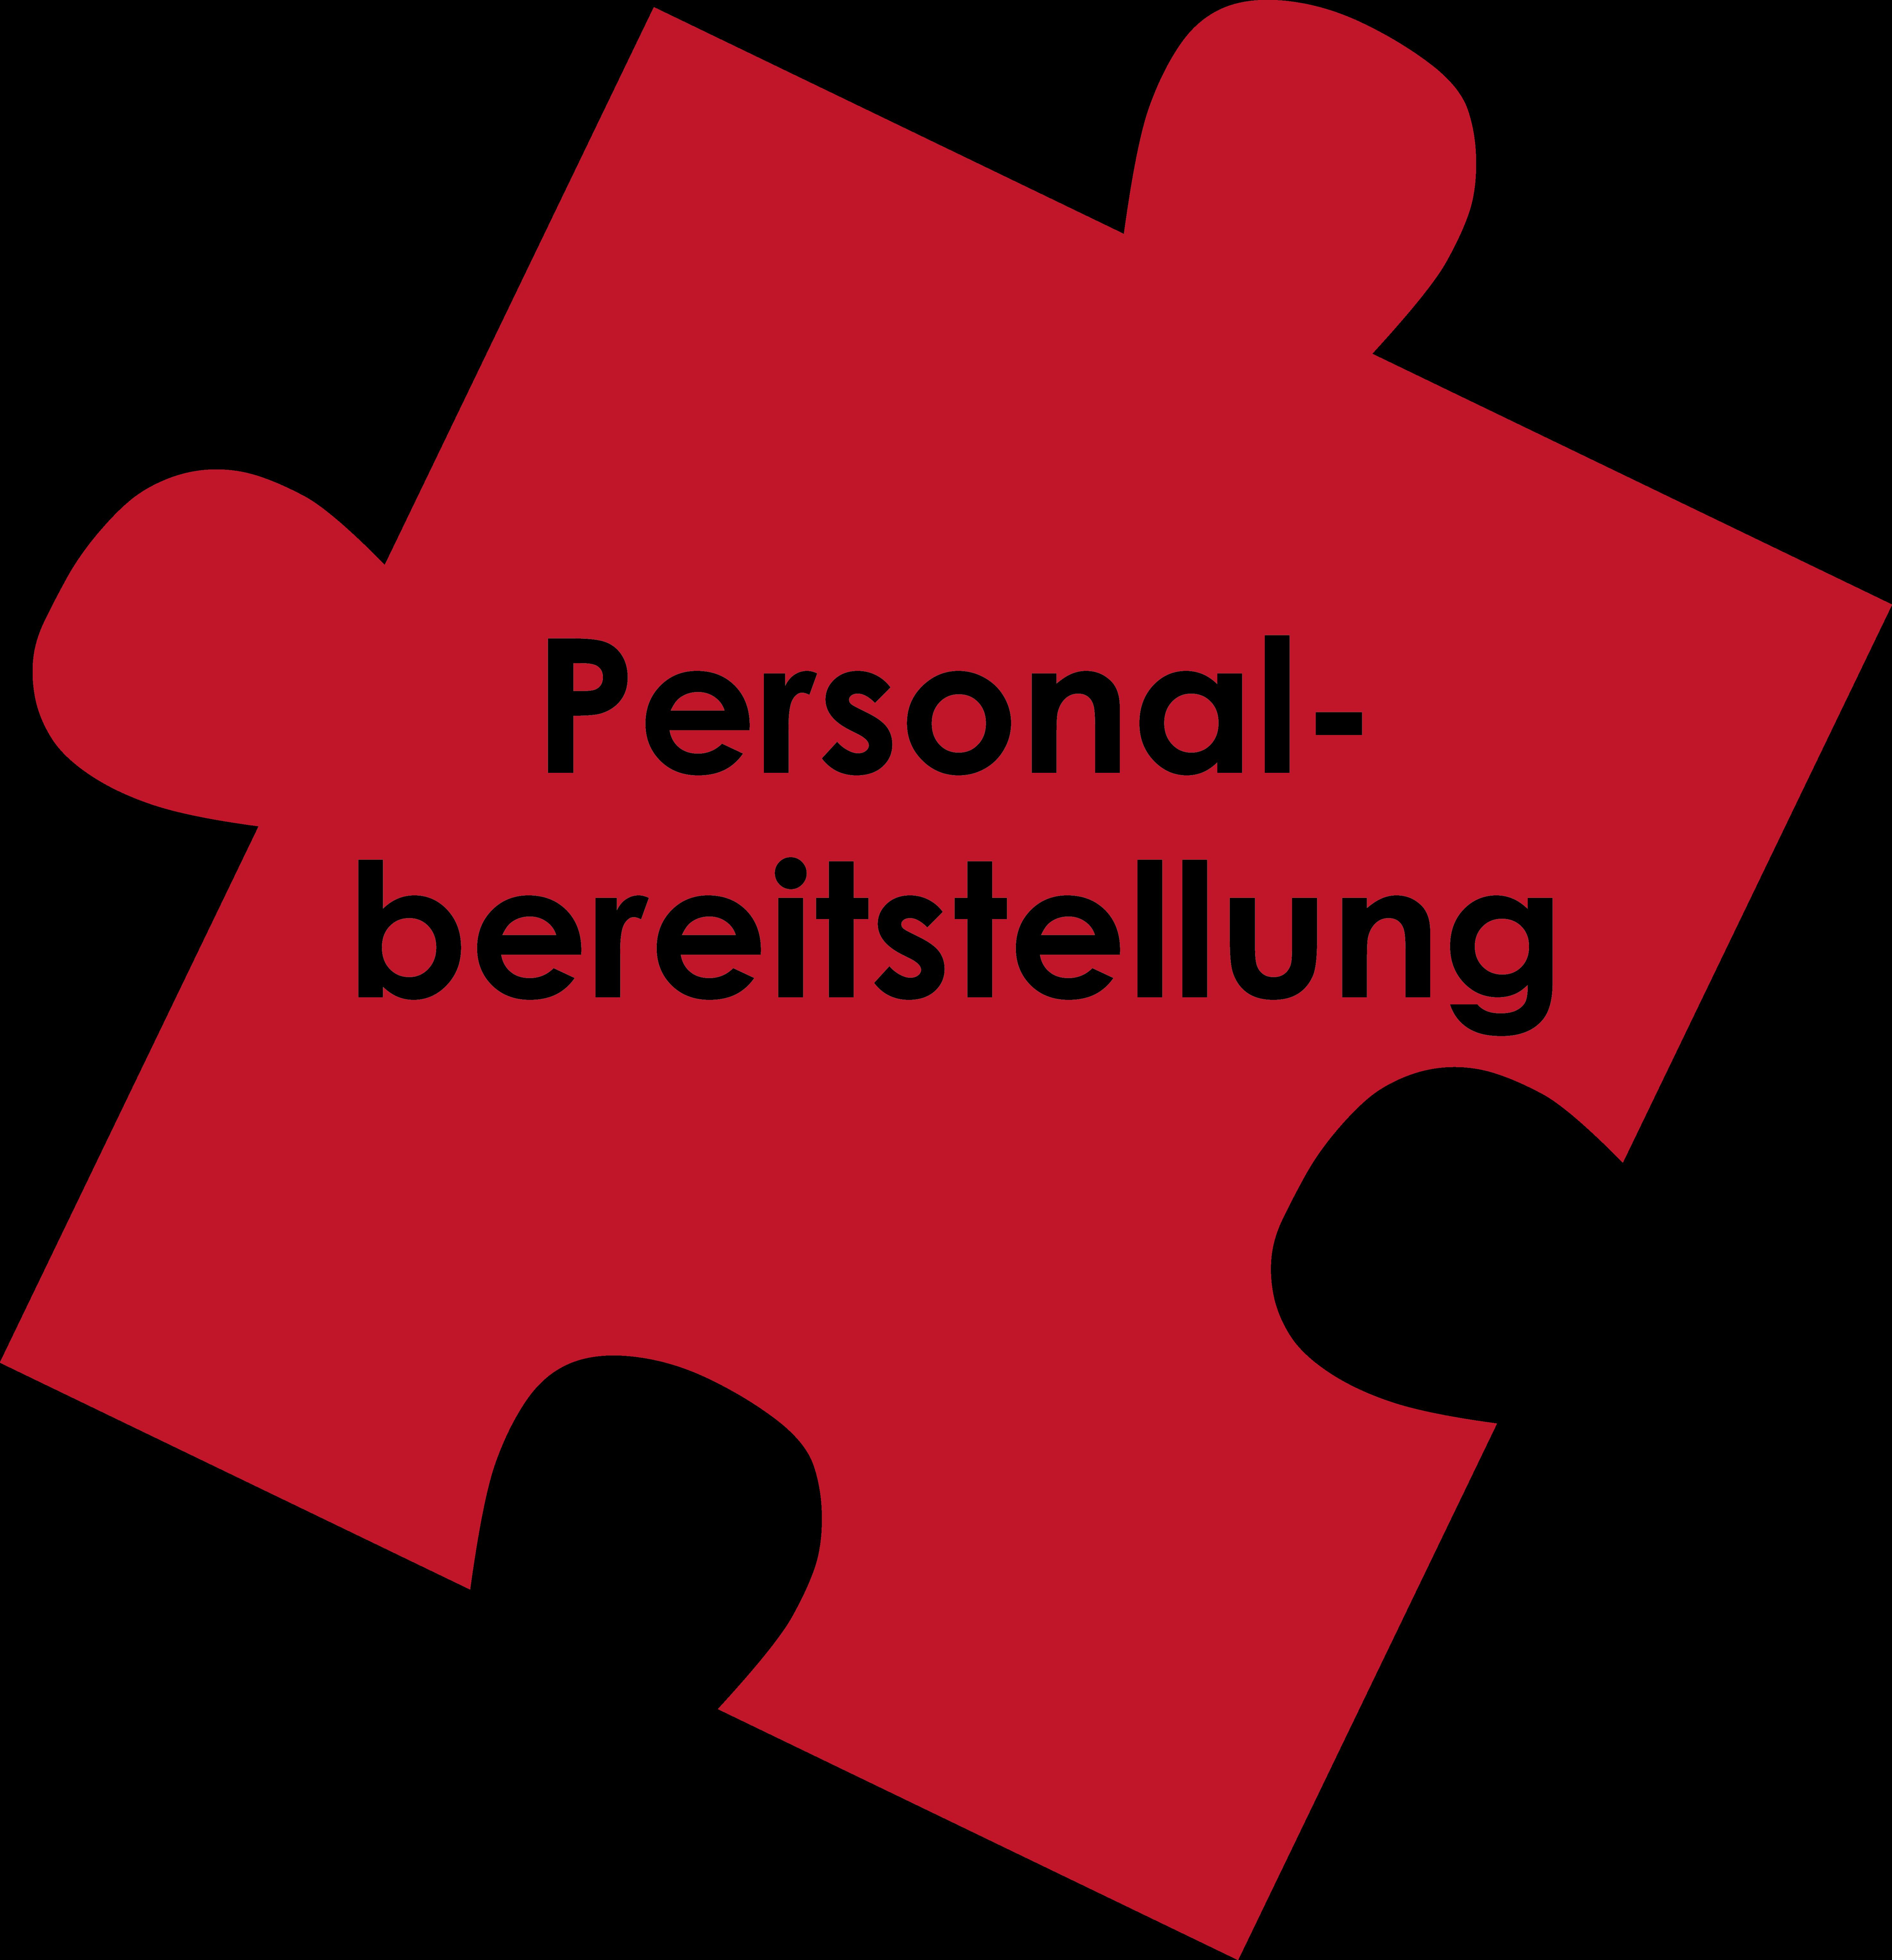 Personalbereitstellung